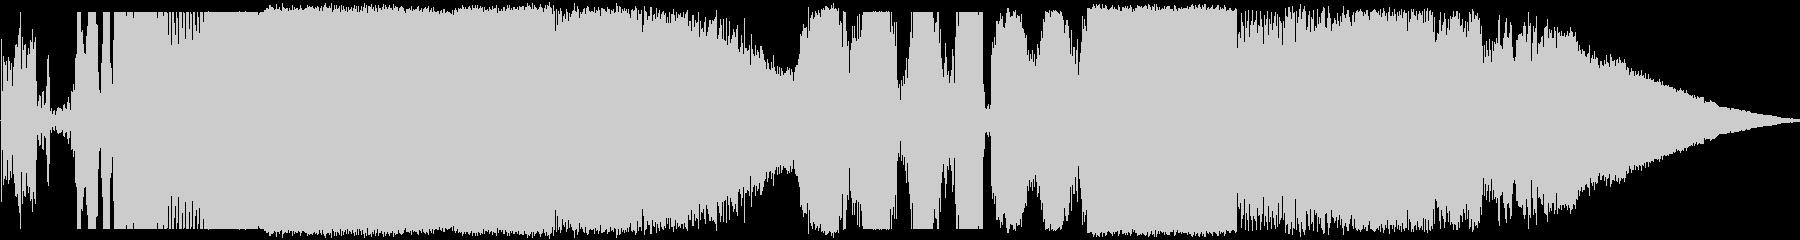 ソフトウェアハードウェアショートア...の未再生の波形